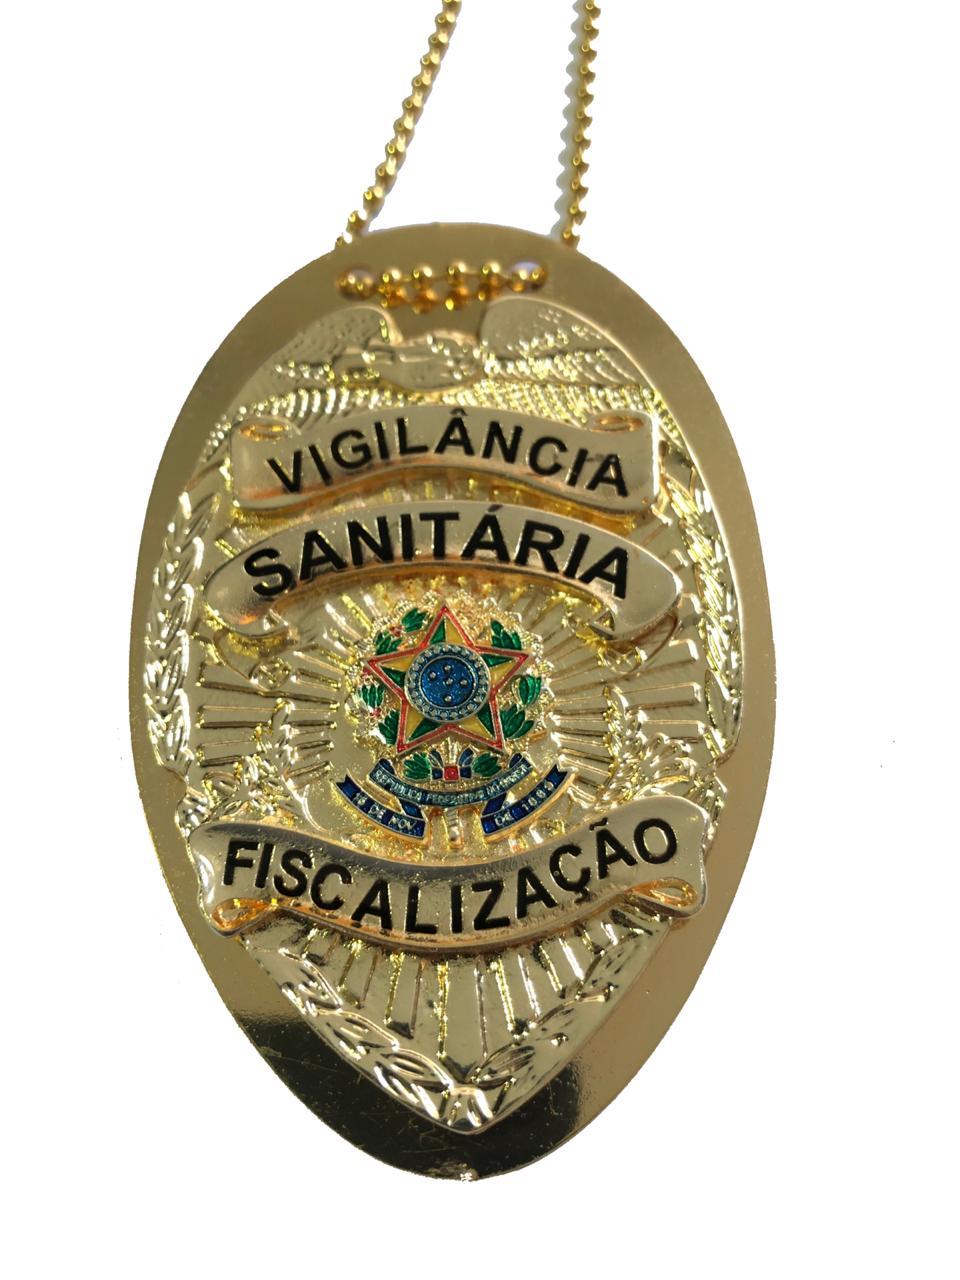 Vigilancia Sanitaria Fiscalização mod Águia Brasão Nacional